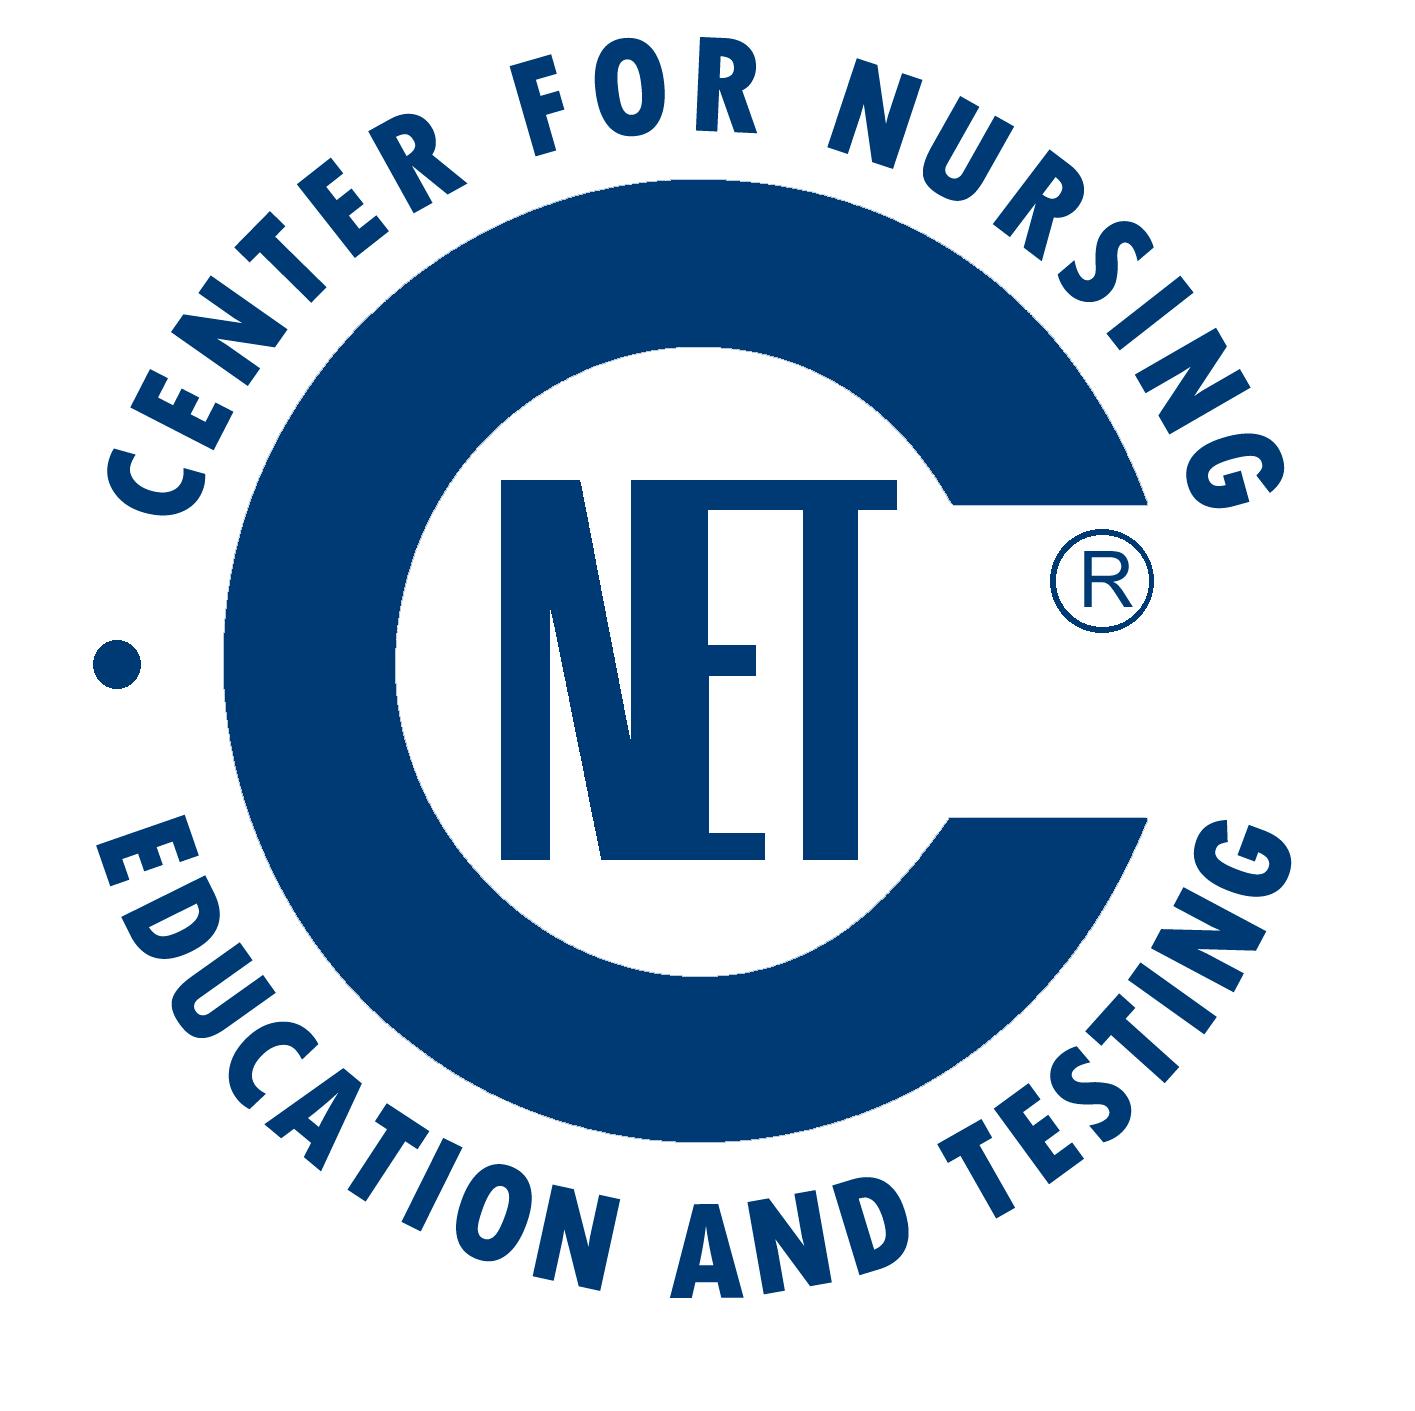 ccht exam certification nursing abns center permit invitation extension special